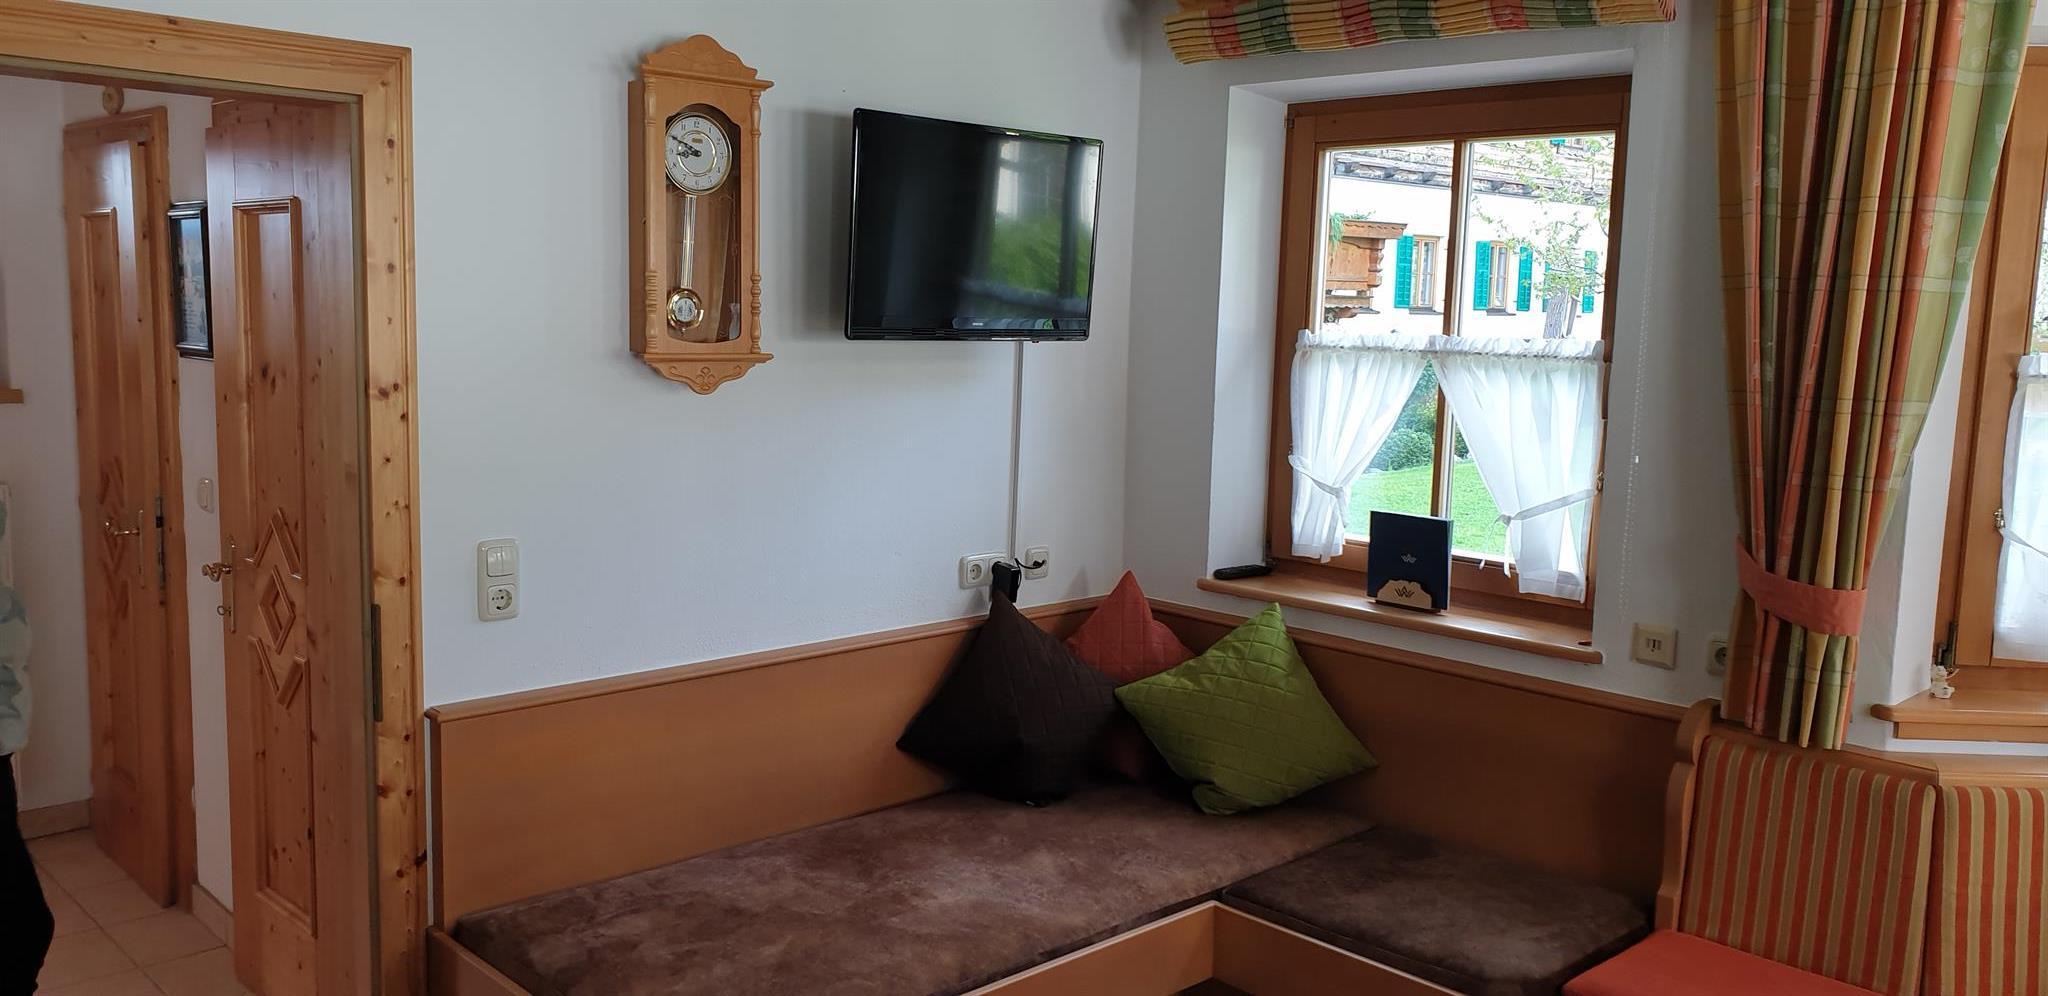 Maison de vacances Bichler's Ferienhaus Ferienhaus/2 Schlafräume/Bad, WC (2616276), Going am Wilden Kaiser, Wilder Kaiser, Tyrol, Autriche, image 14